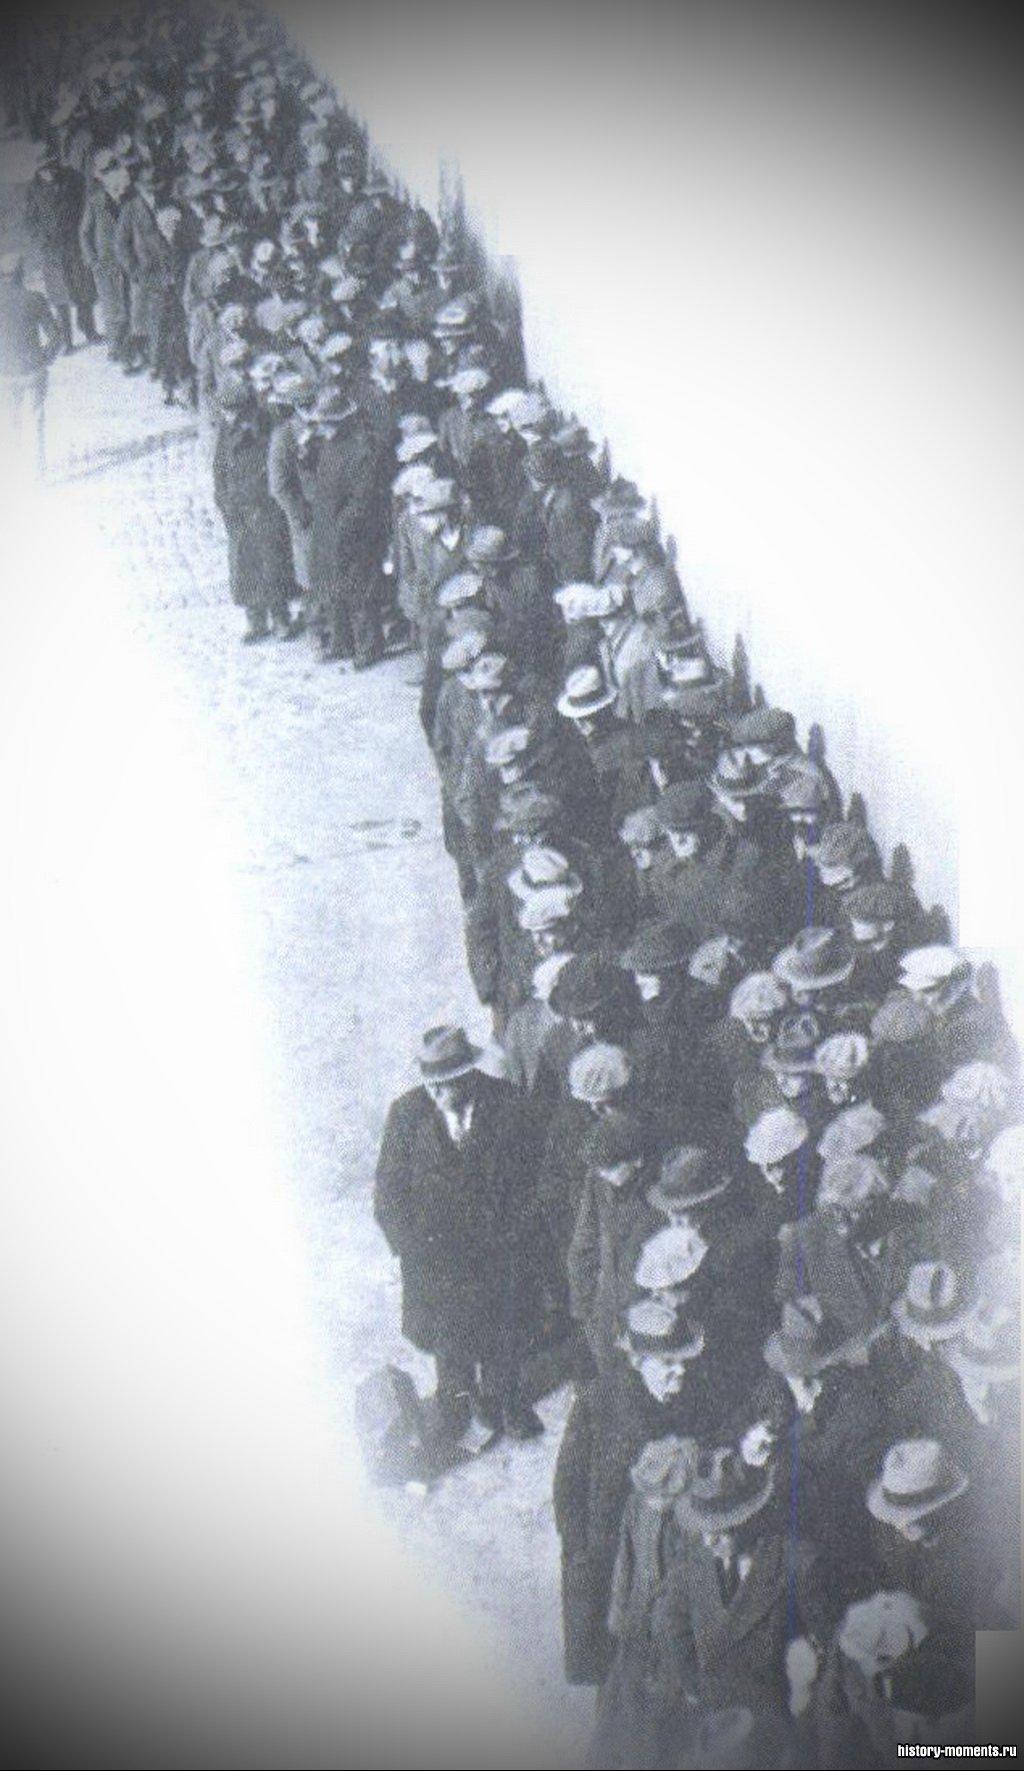 Сотни людей в Нью-Йорке часами стояли в очередях на бирже труда или за бесплатными обедами.